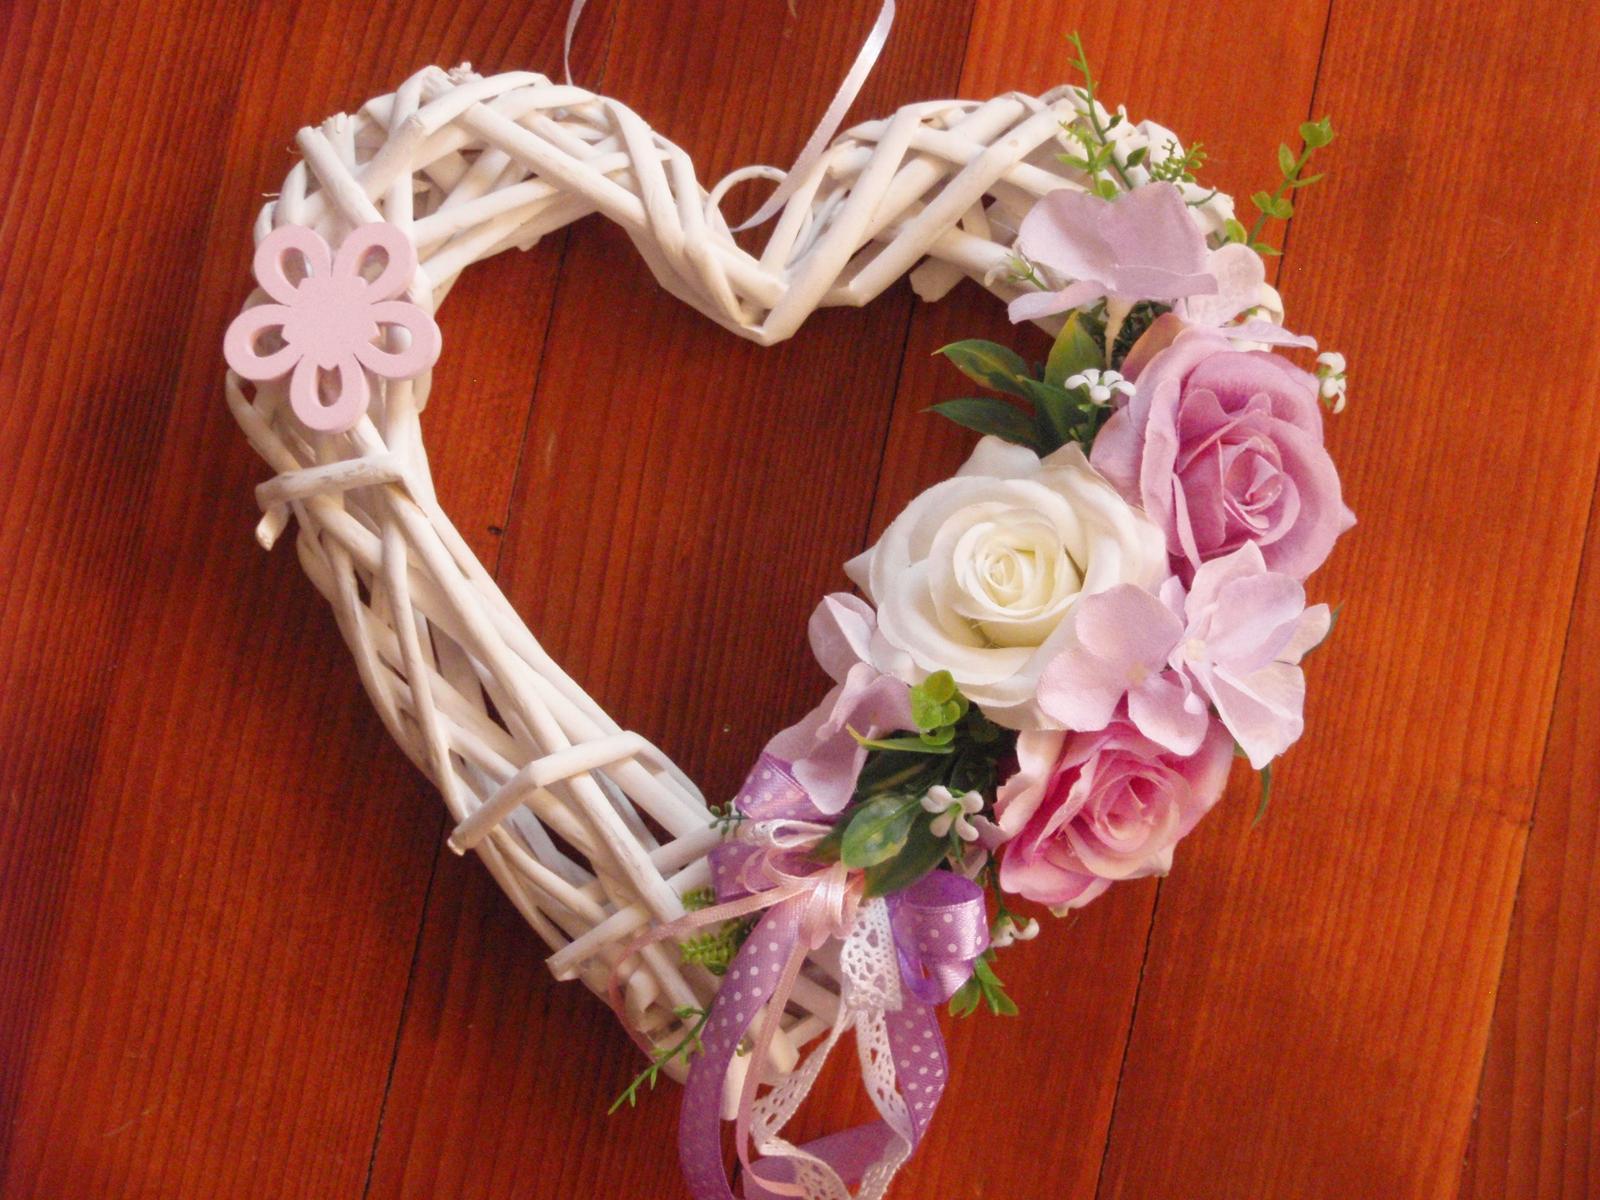 237. Srdce ružovo-fialkové s kvietkom 25cm - Obrázok č. 1